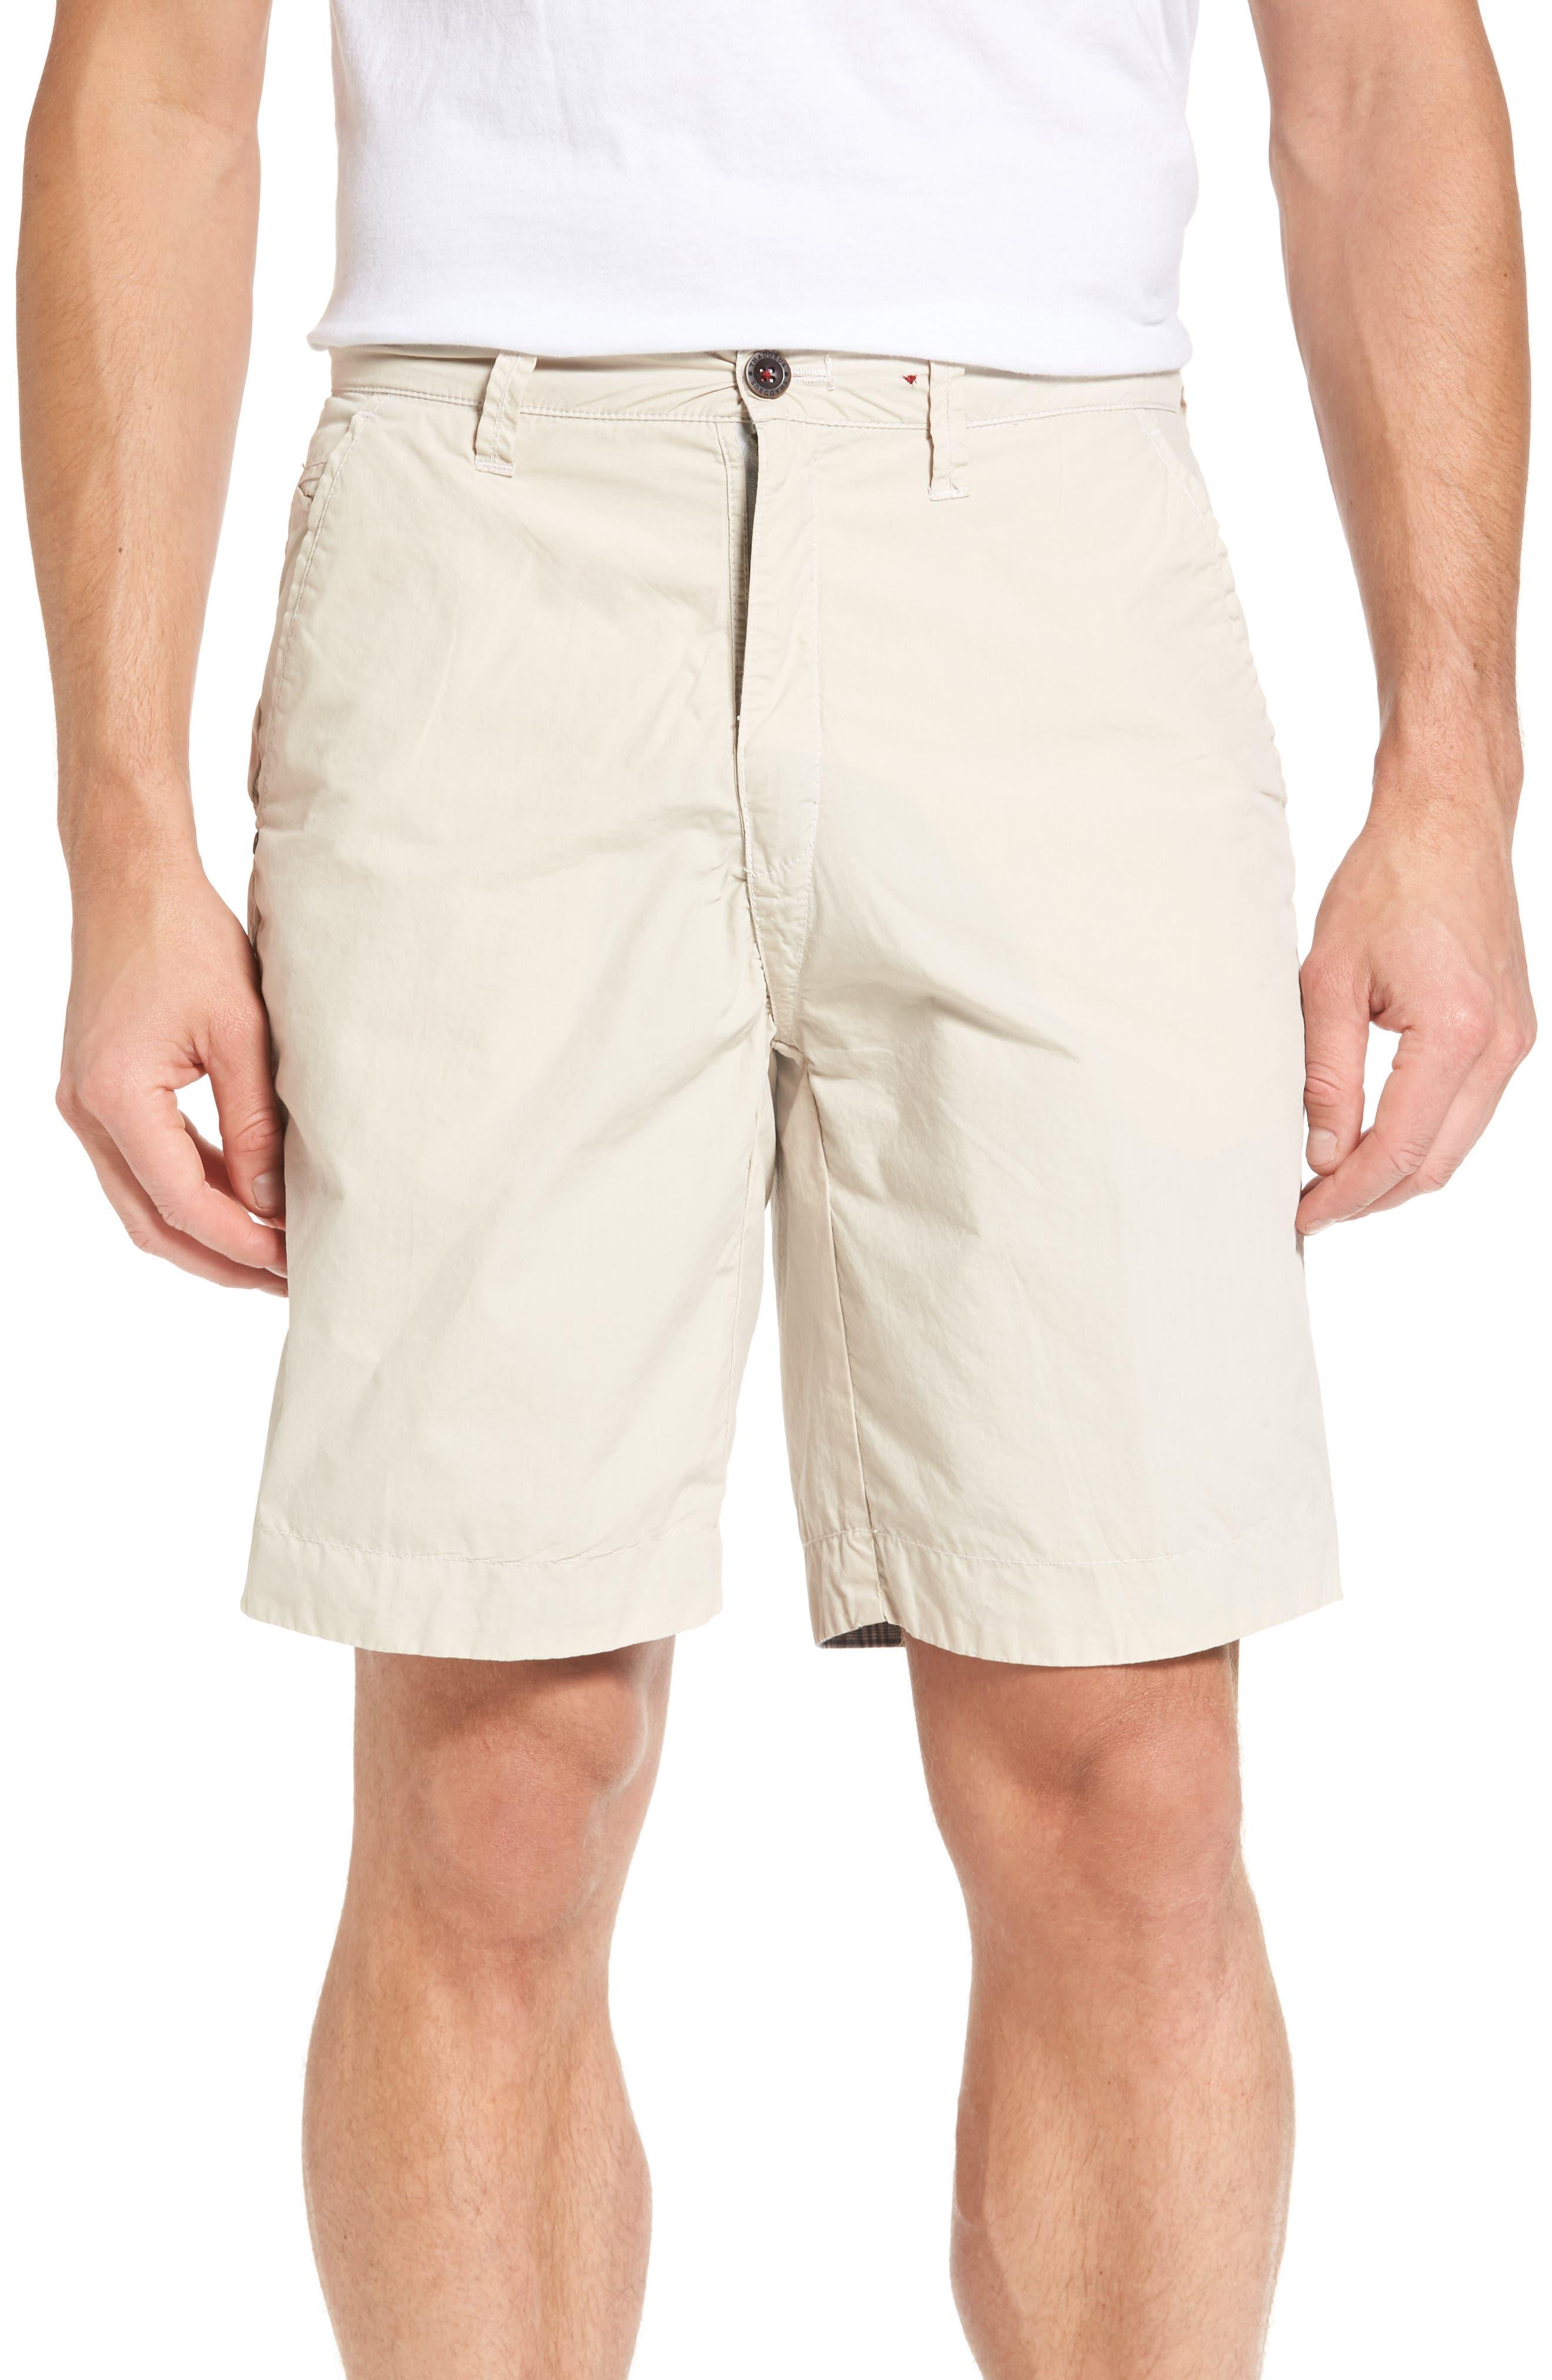 Darlington Reversible Flat Front Shorts,                             Main thumbnail 1, color,                             290